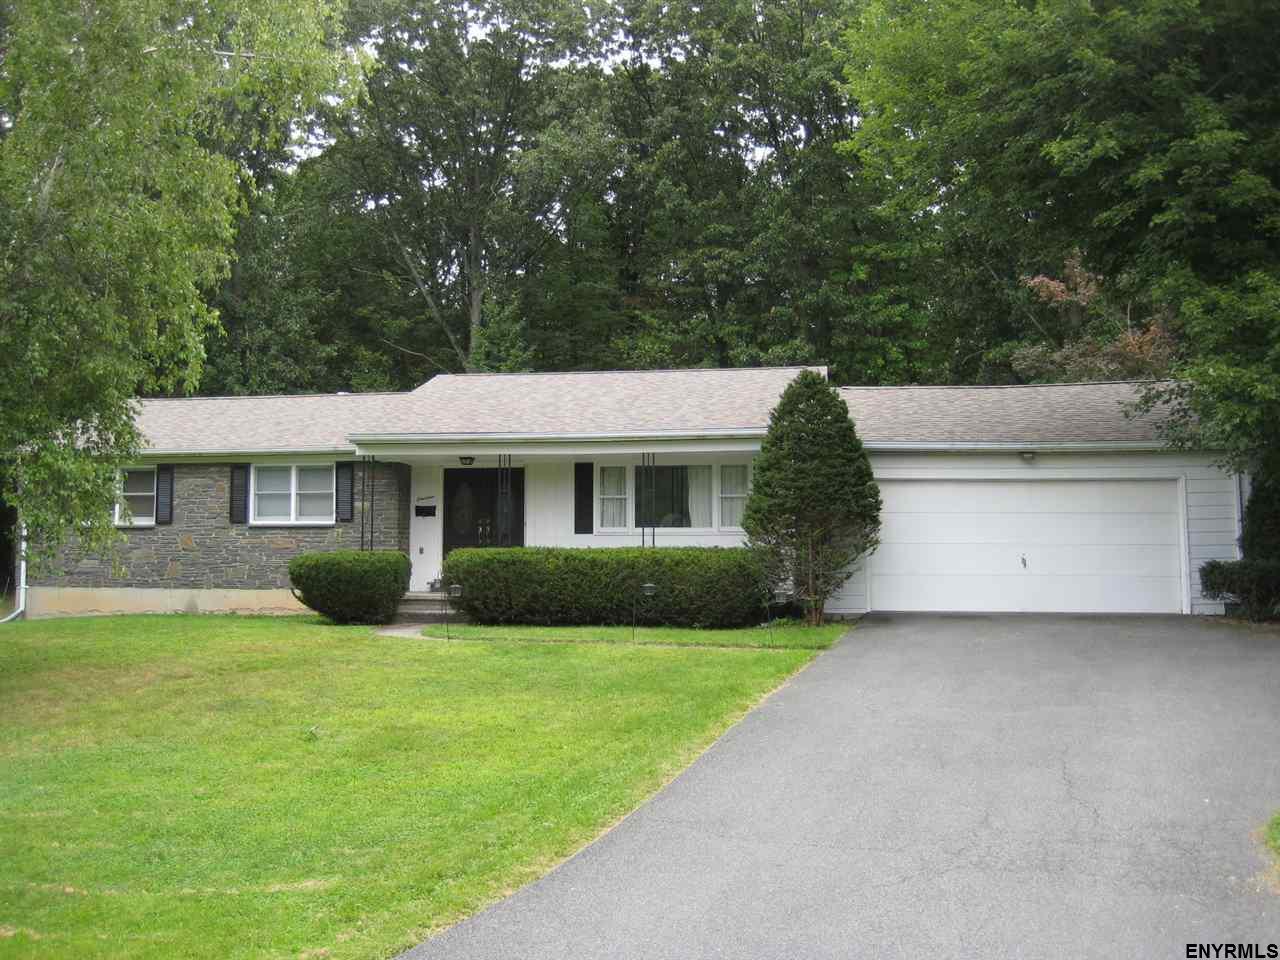 14 Boncroft Dr, East Greenbush, NY 12061